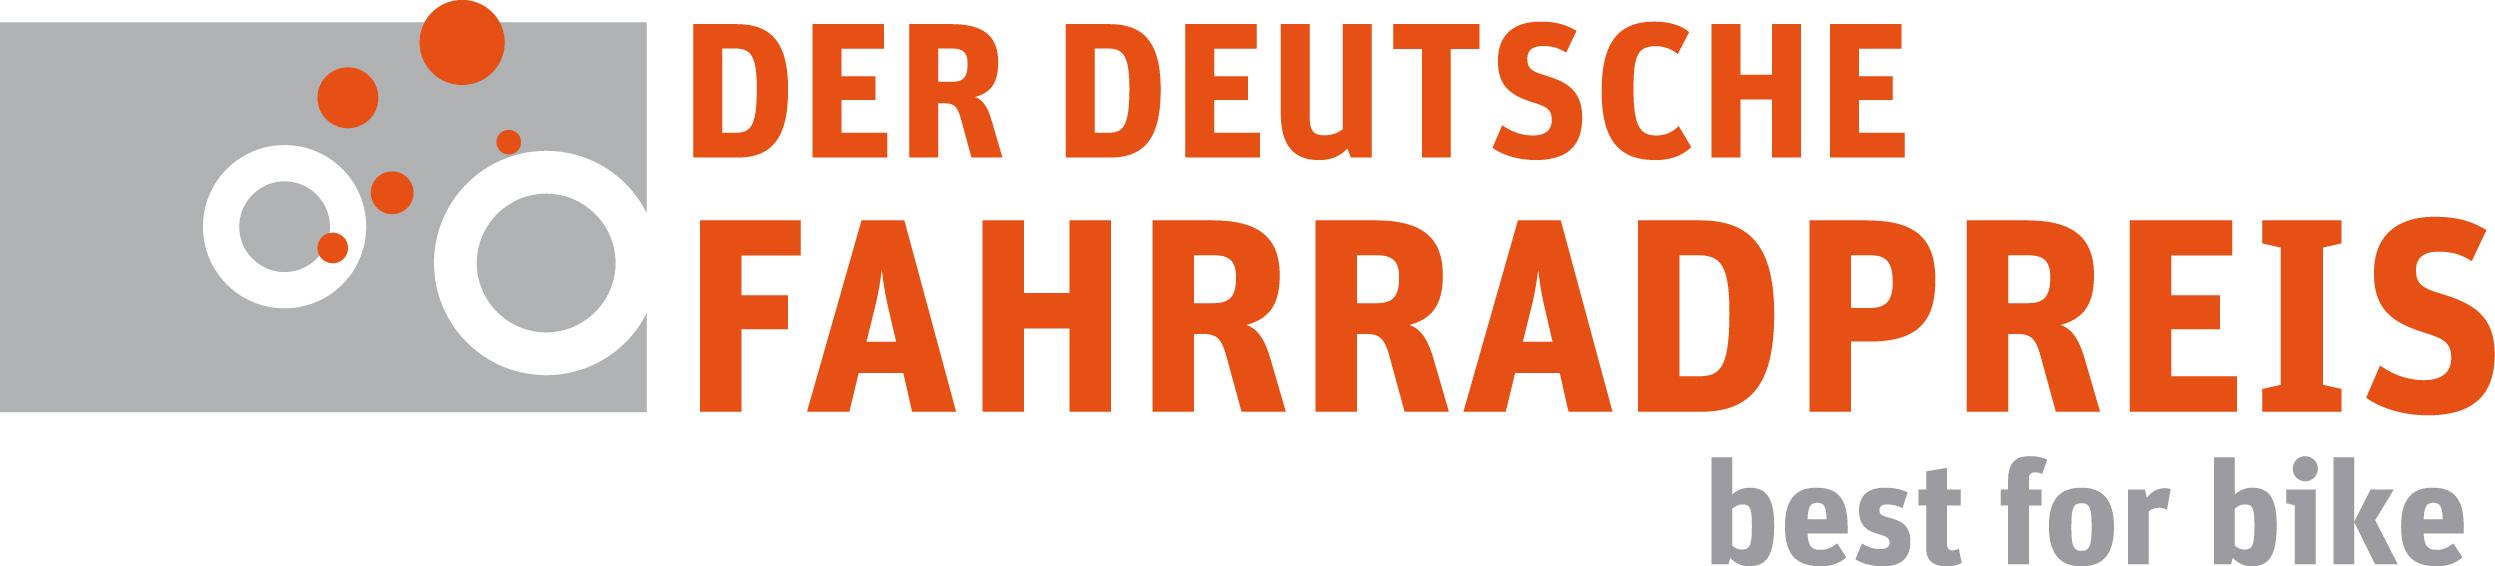 Logo: Der Deutsche Fahrradpreis